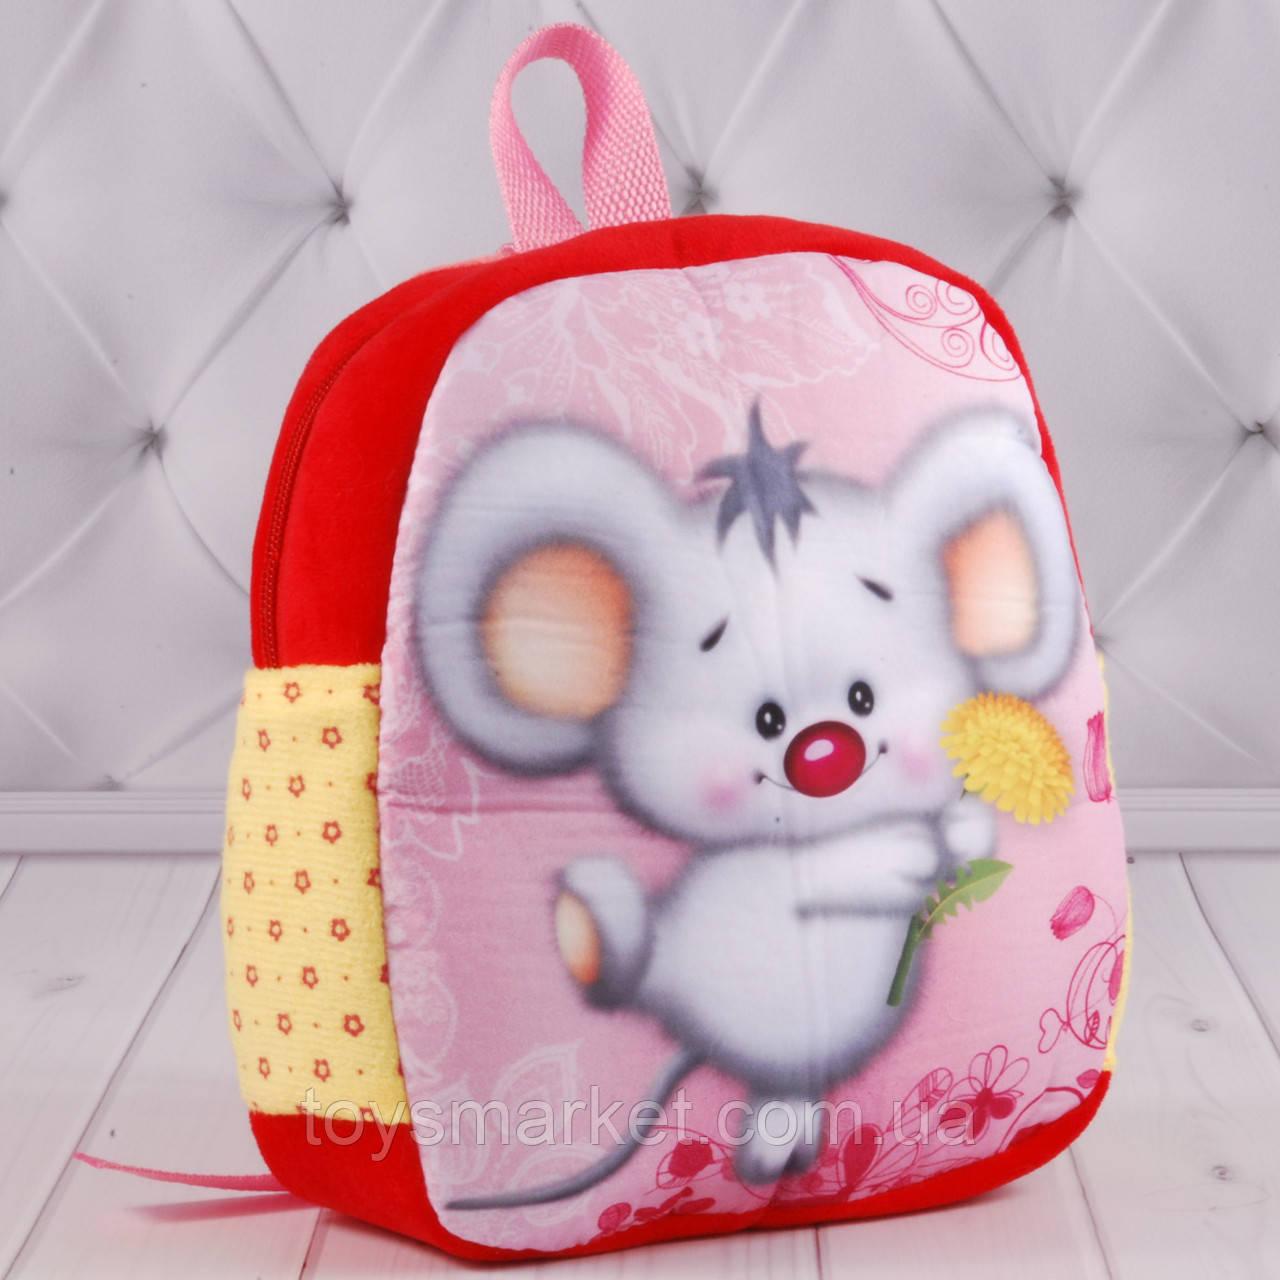 """Детский рюкзак с мышкой """"Муся 2"""", плюшевый рюкзачок с мышкой, рюкзак в садик"""